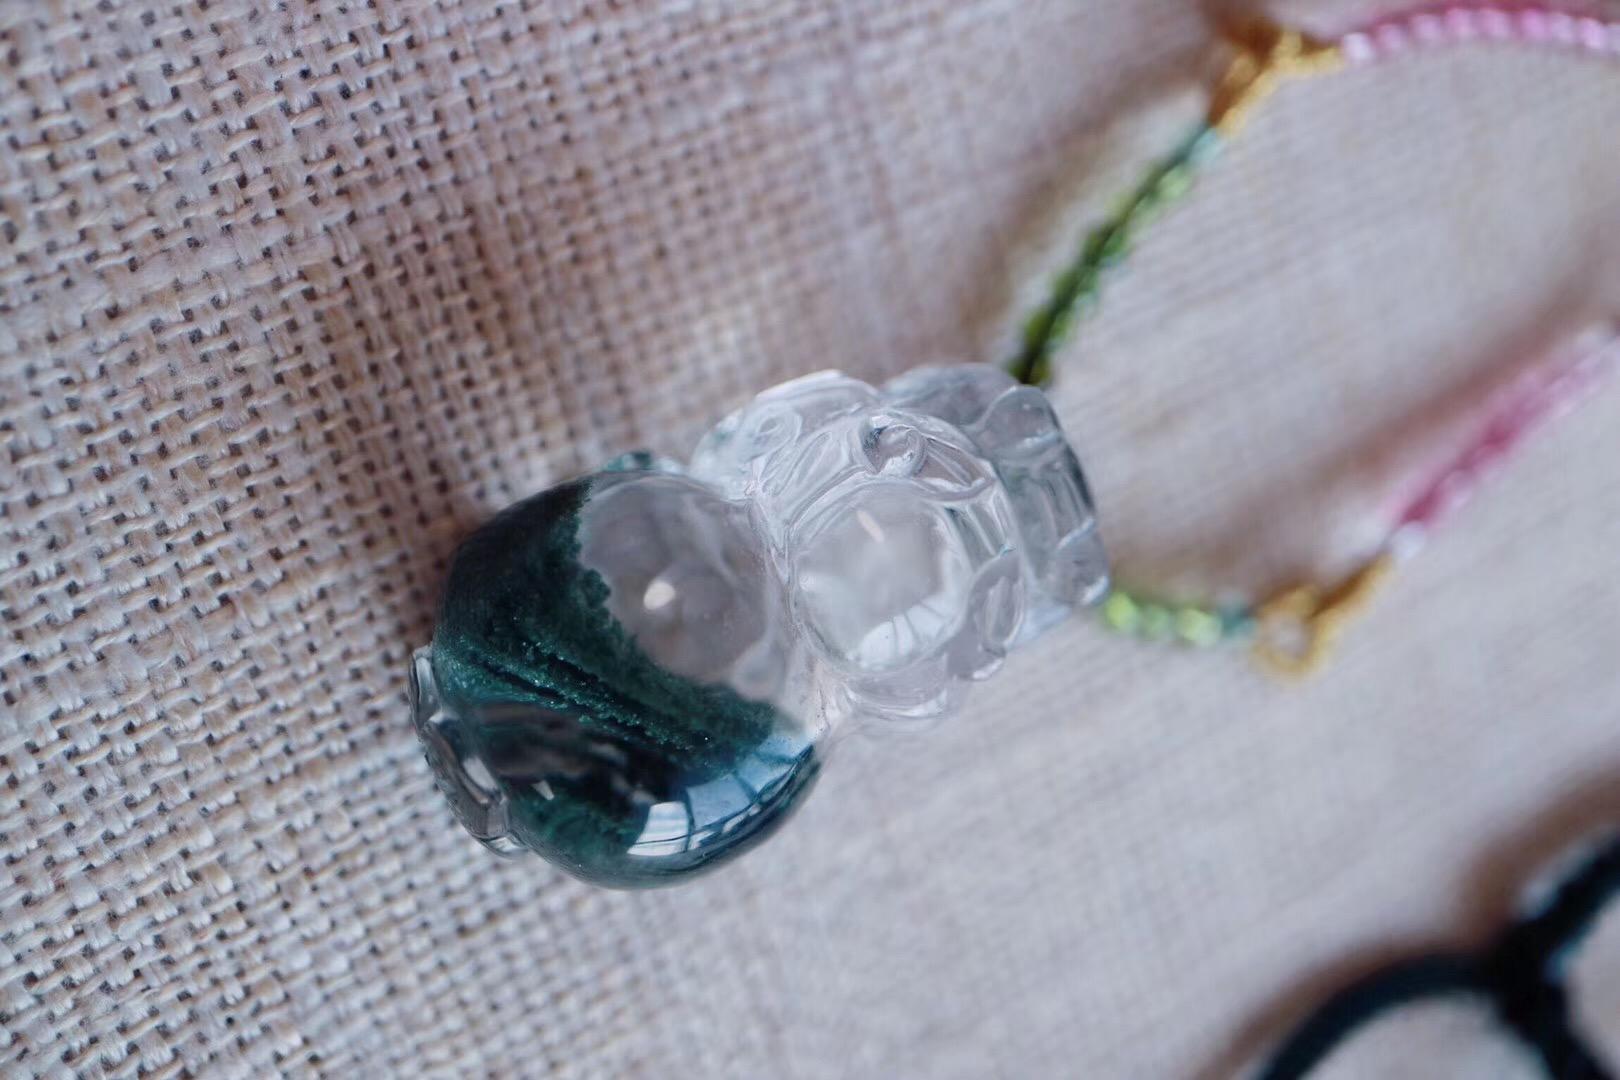 【菩心|绿幽灵】贼好看的绿幽灵貔貅~-菩心晶舍